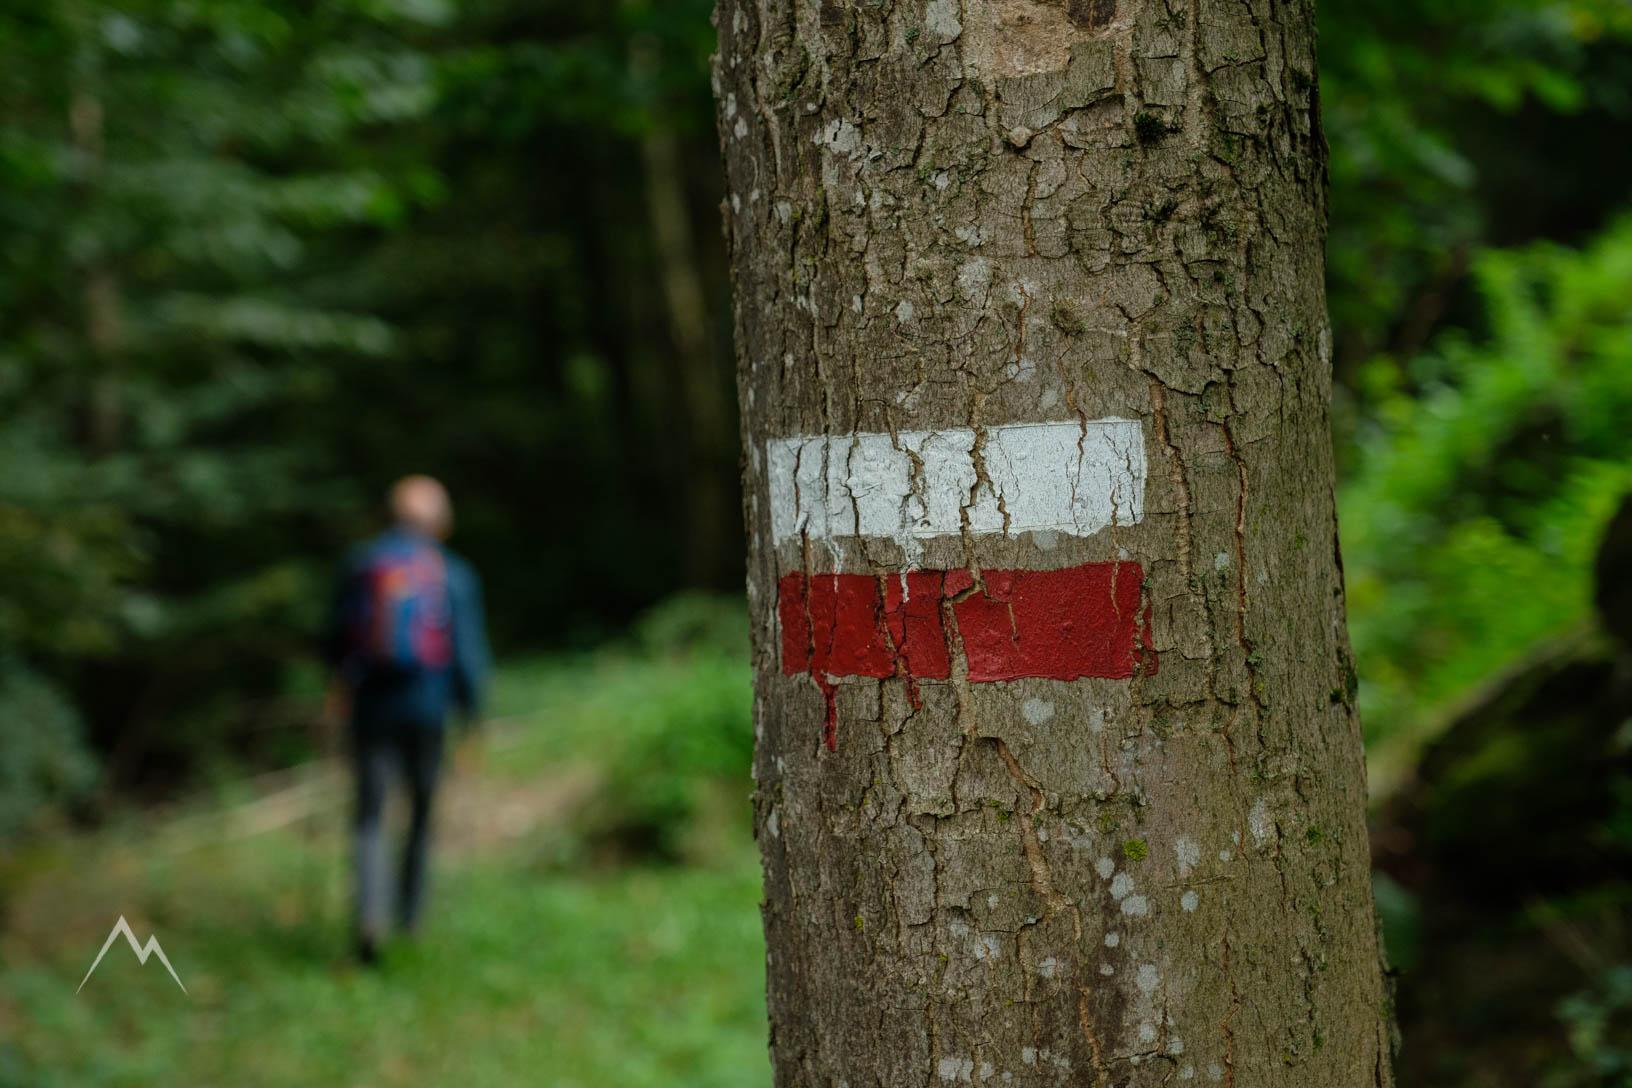 Numerose tracce bianche/rosse guidano lungo il percorso